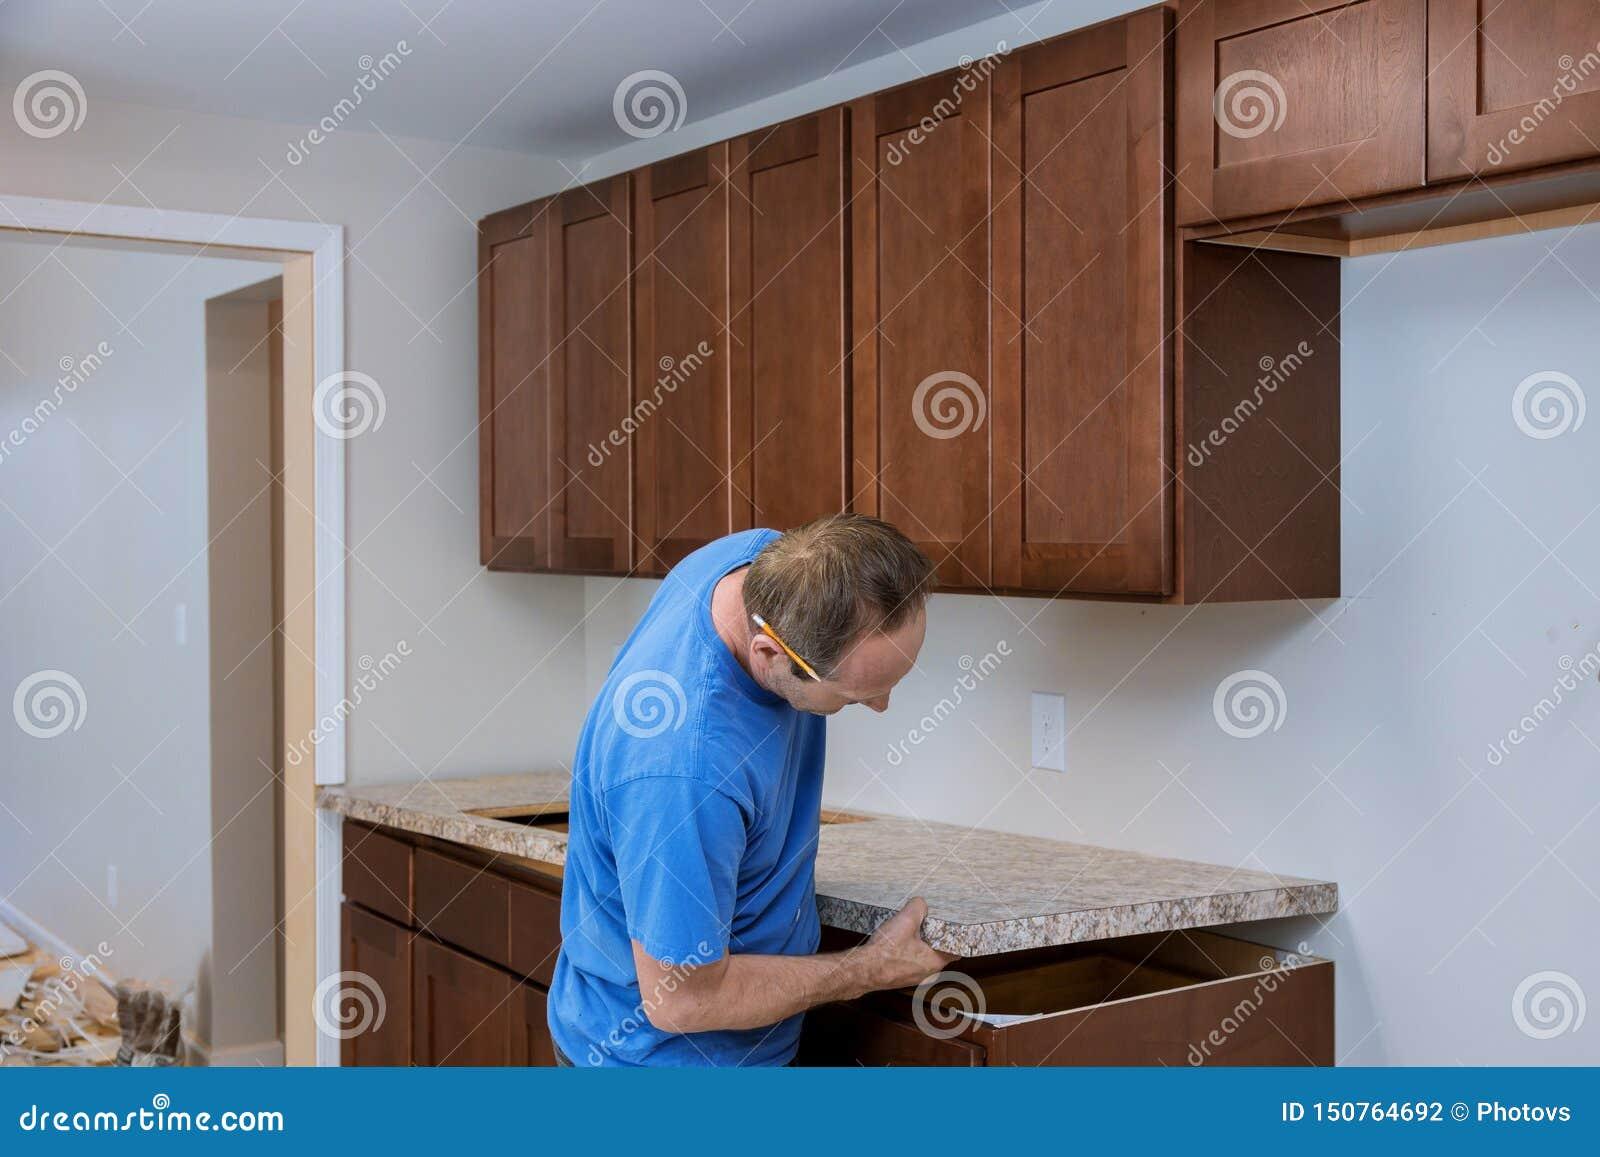 Installando gli appaltatori un ripiano che laminato una cucina ritocca